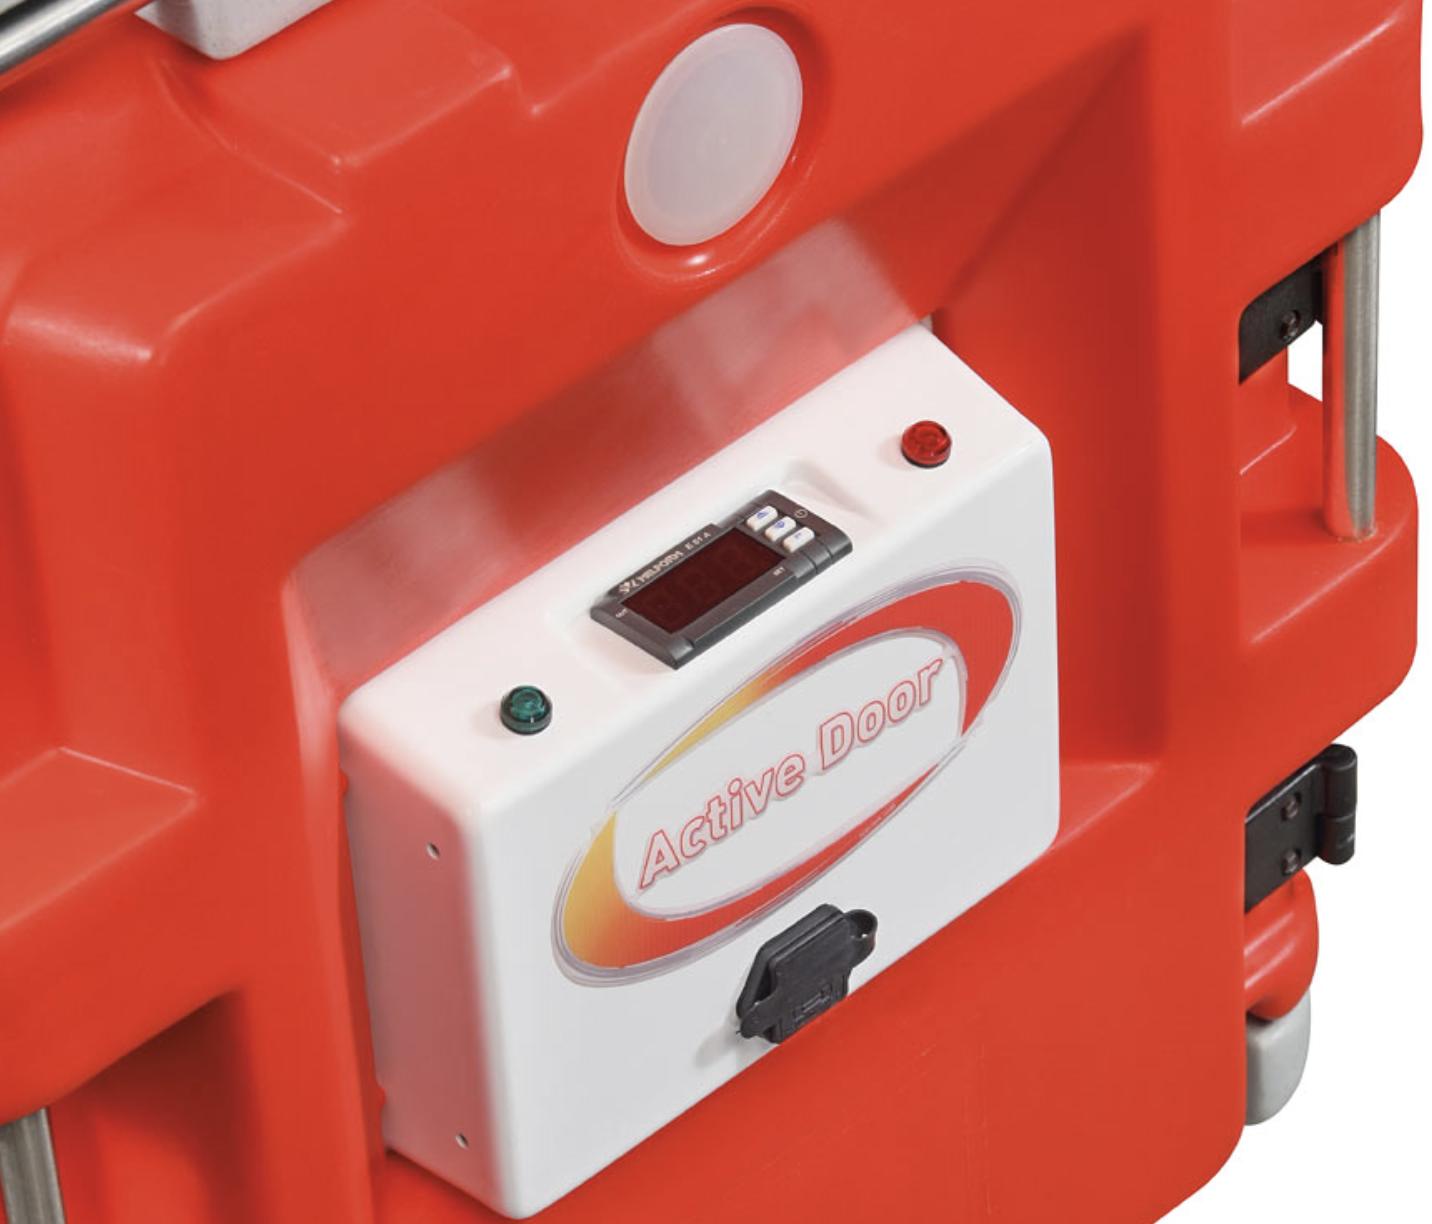 Puerta activa AF7 230V - Sistema de activación por alimentación elérctrica AF7. Kit calefacción elérctrica 230V digital.